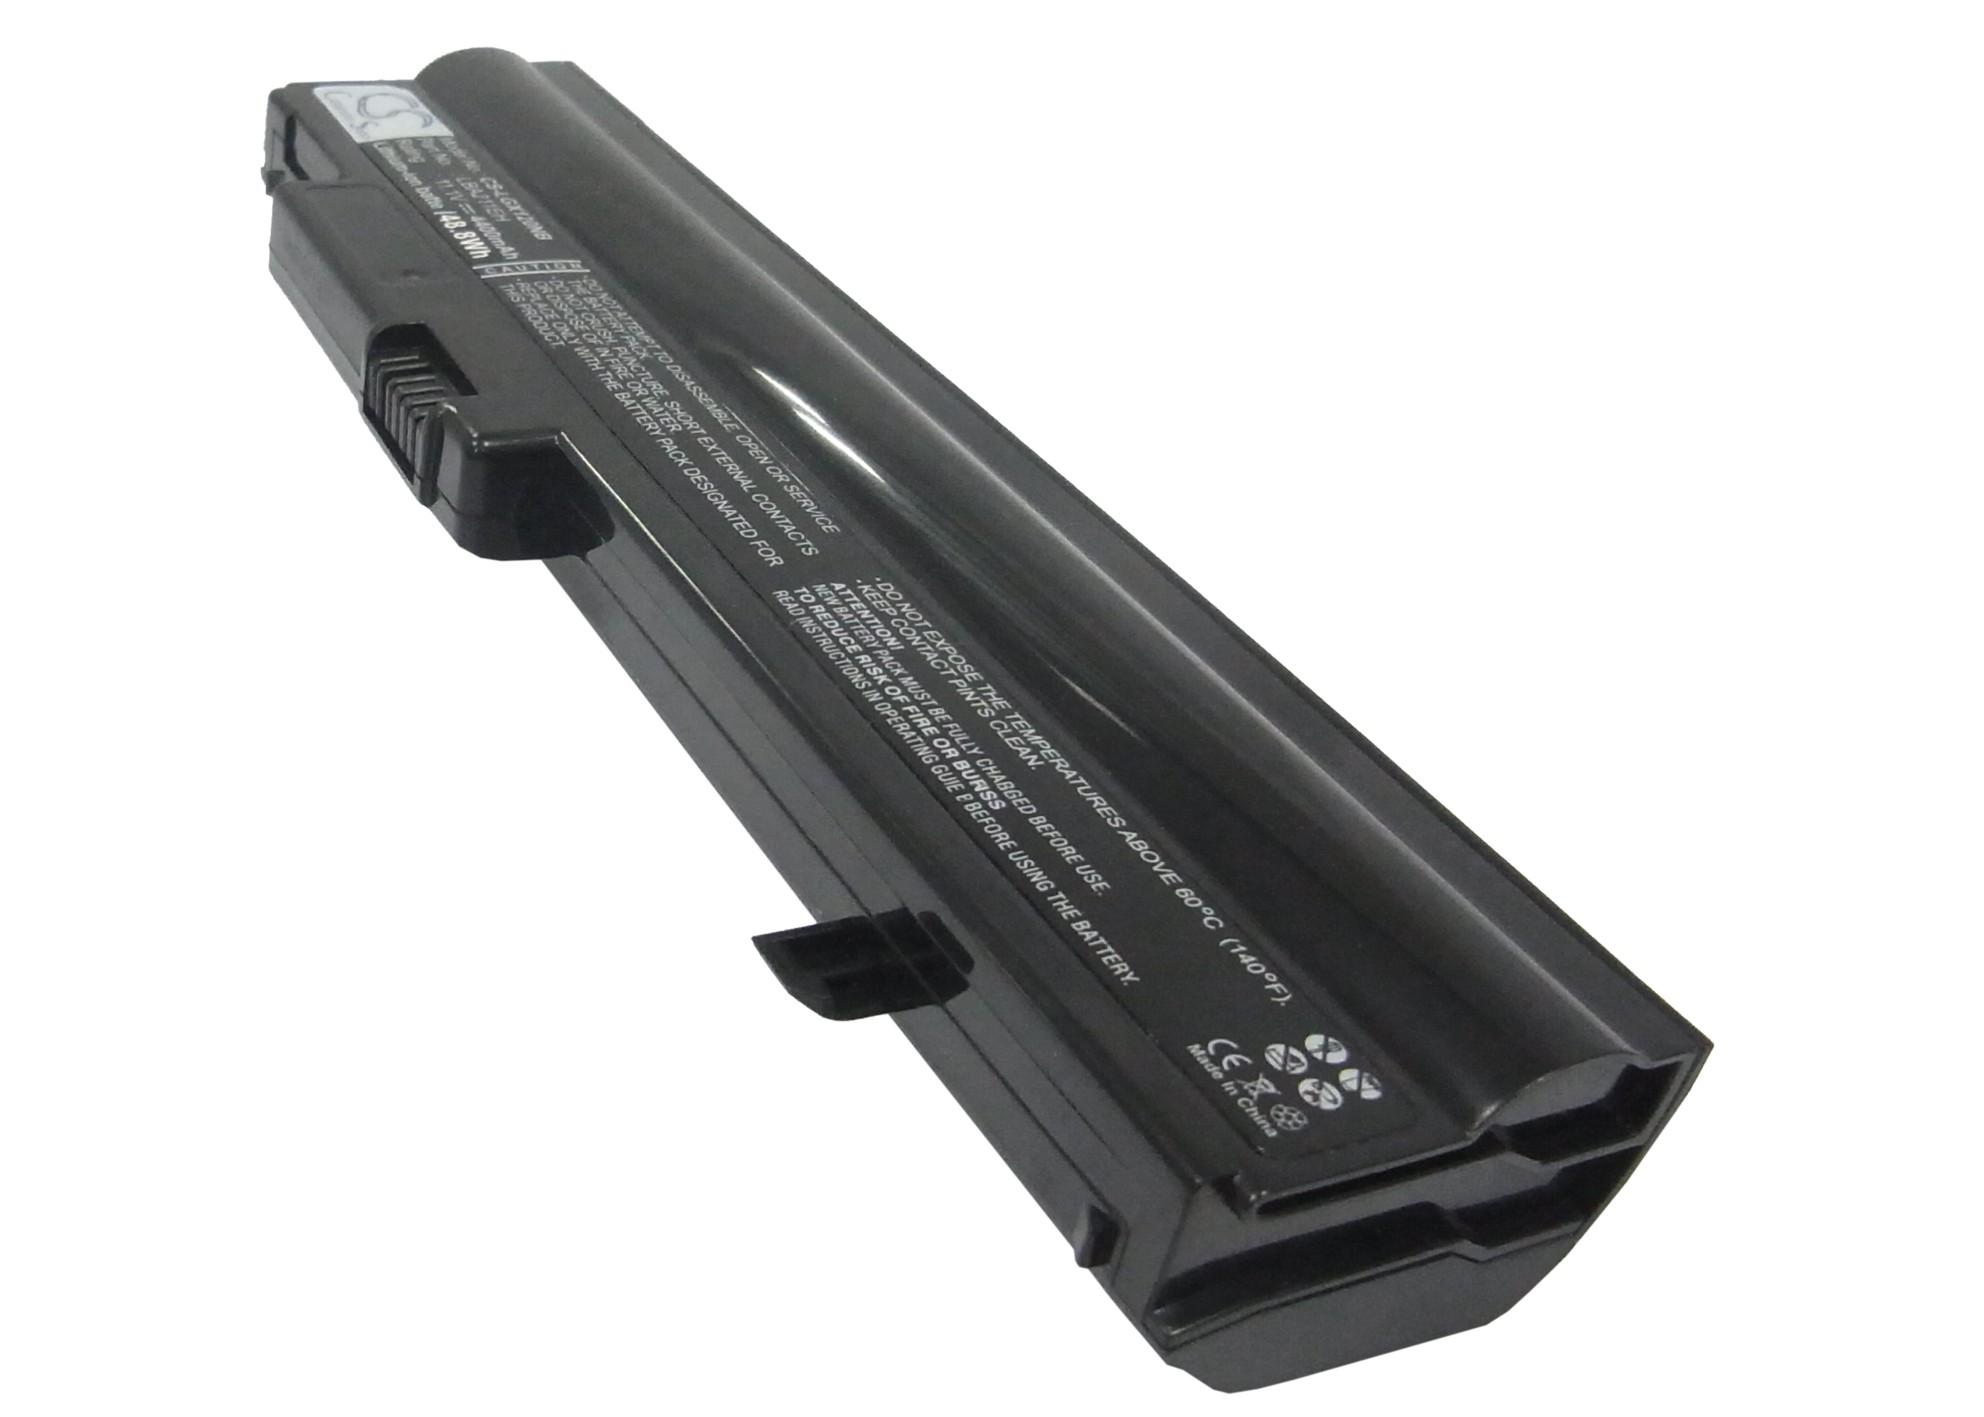 Cameron Sino baterie do netbooků pro LG X130-G 11.1V Li-ion 4400mAh černá - neoriginální